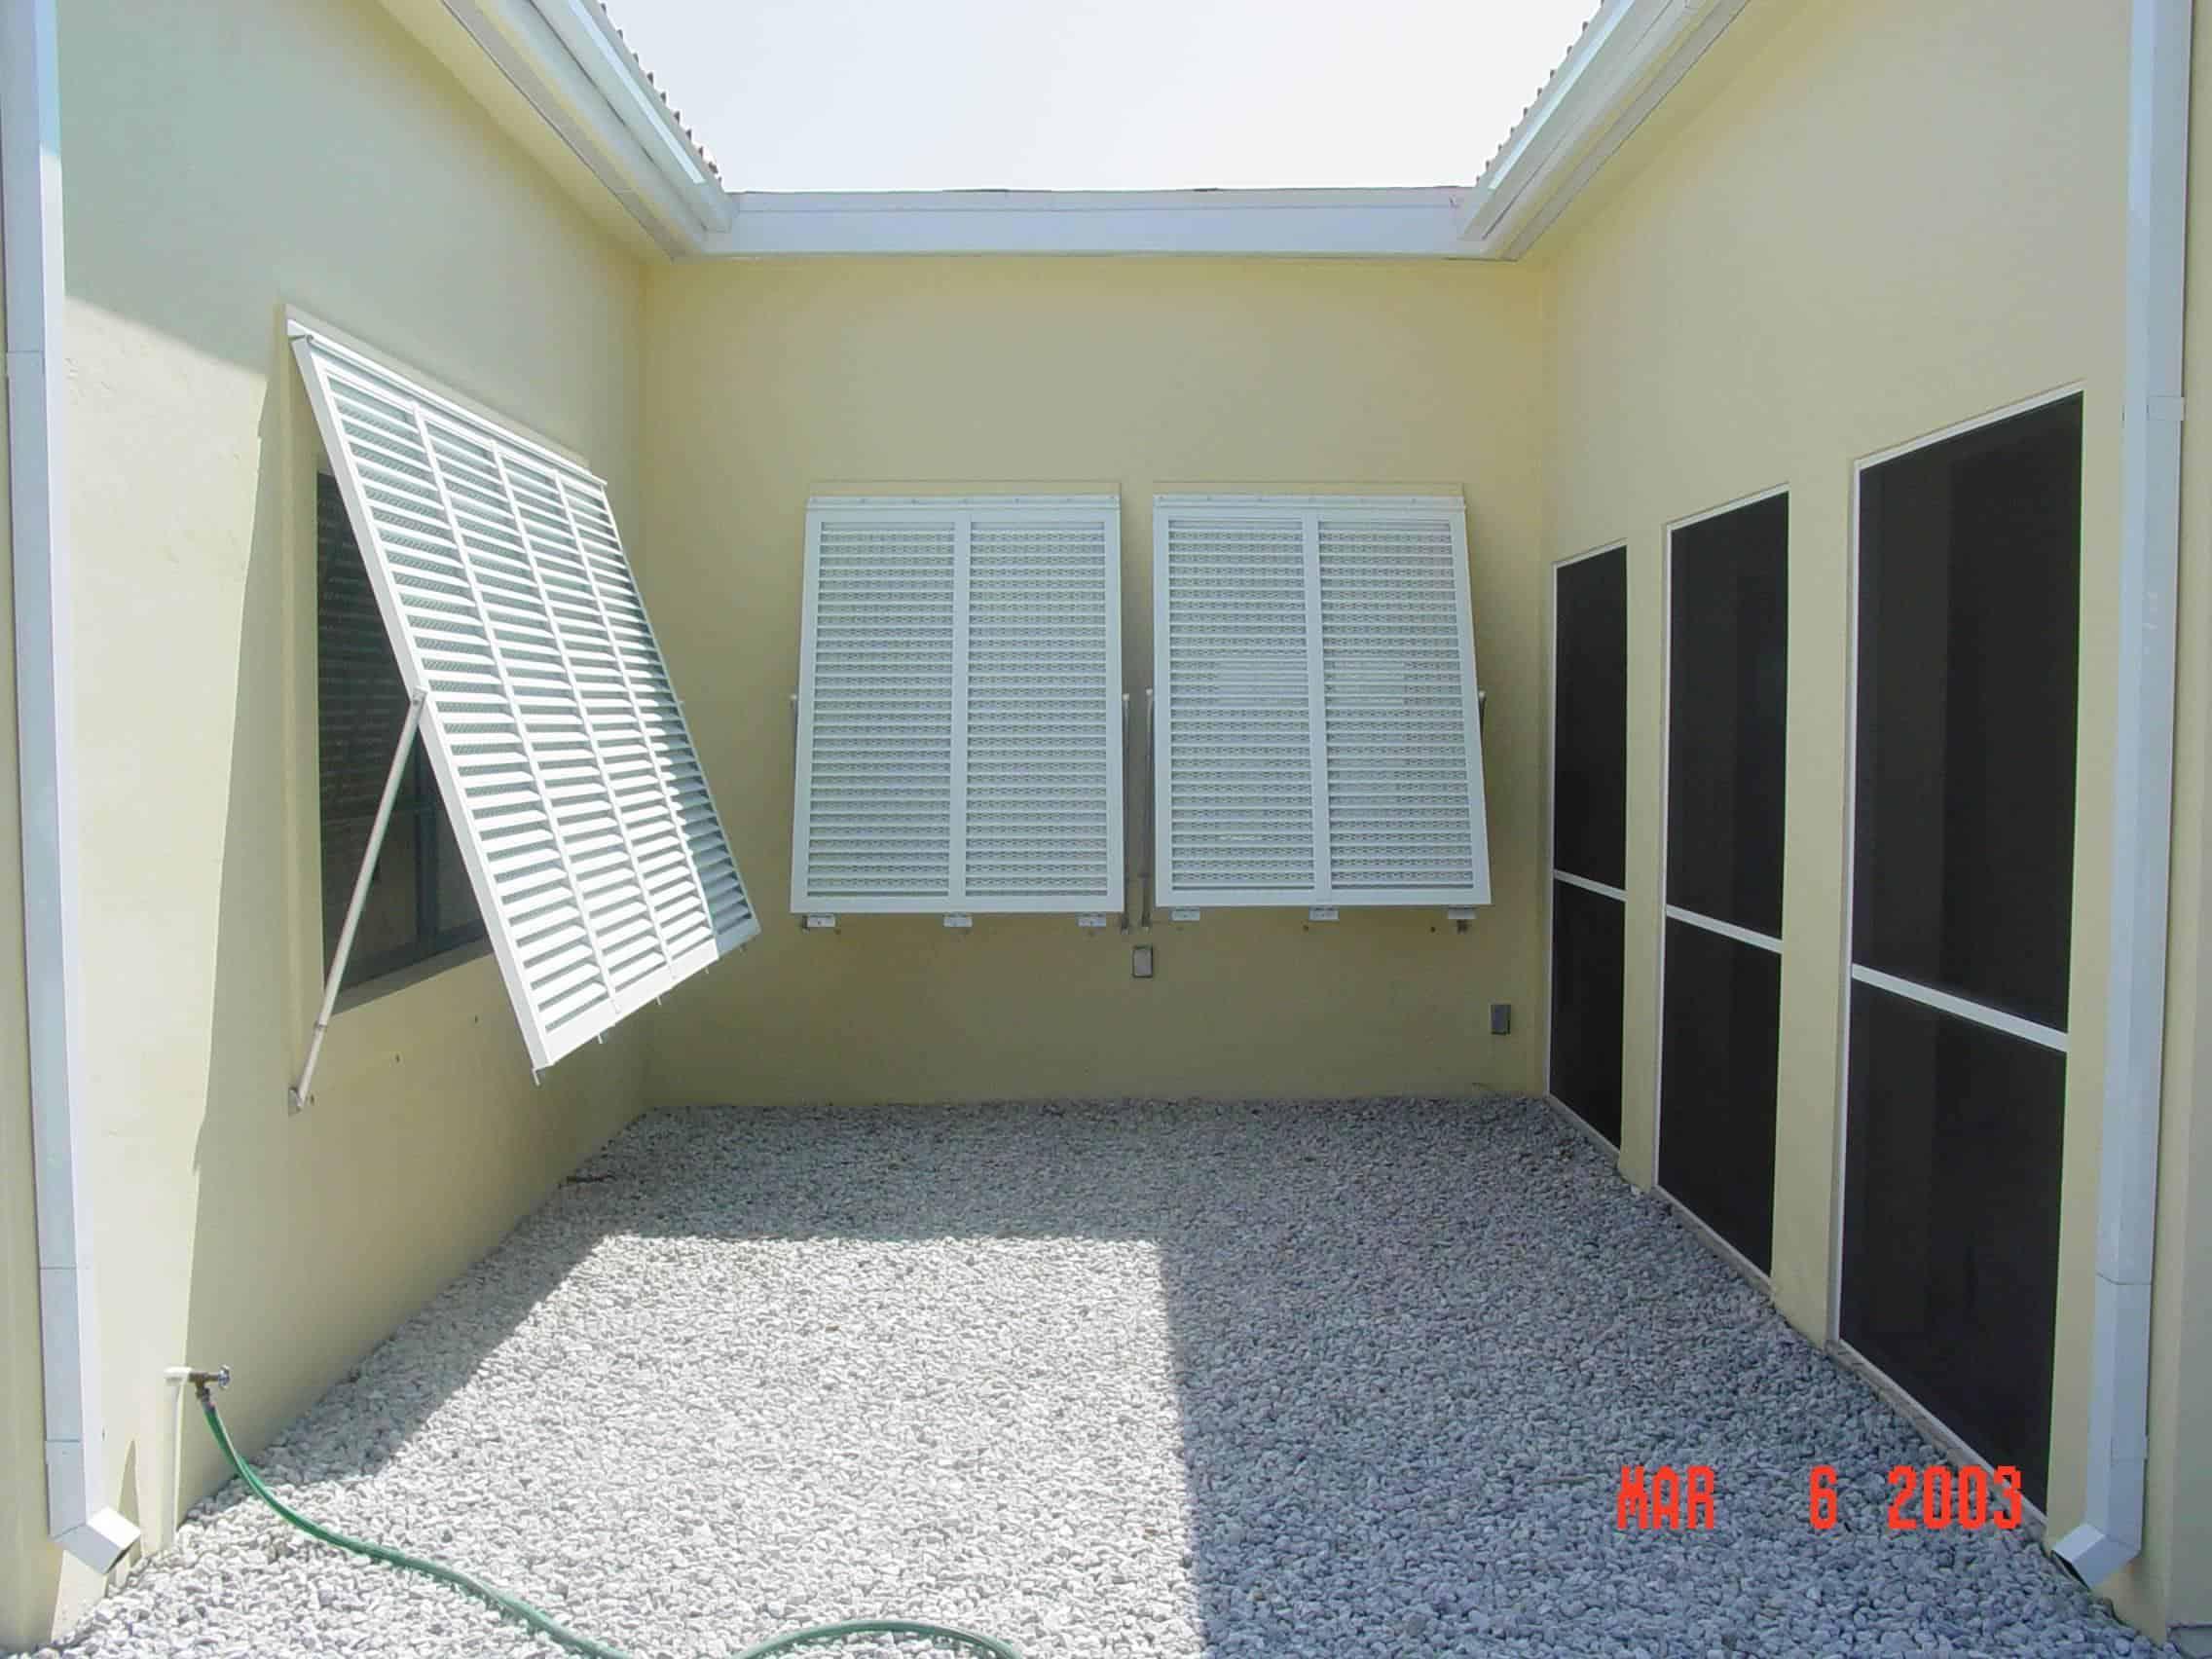 Eurex exterior shutters for windows